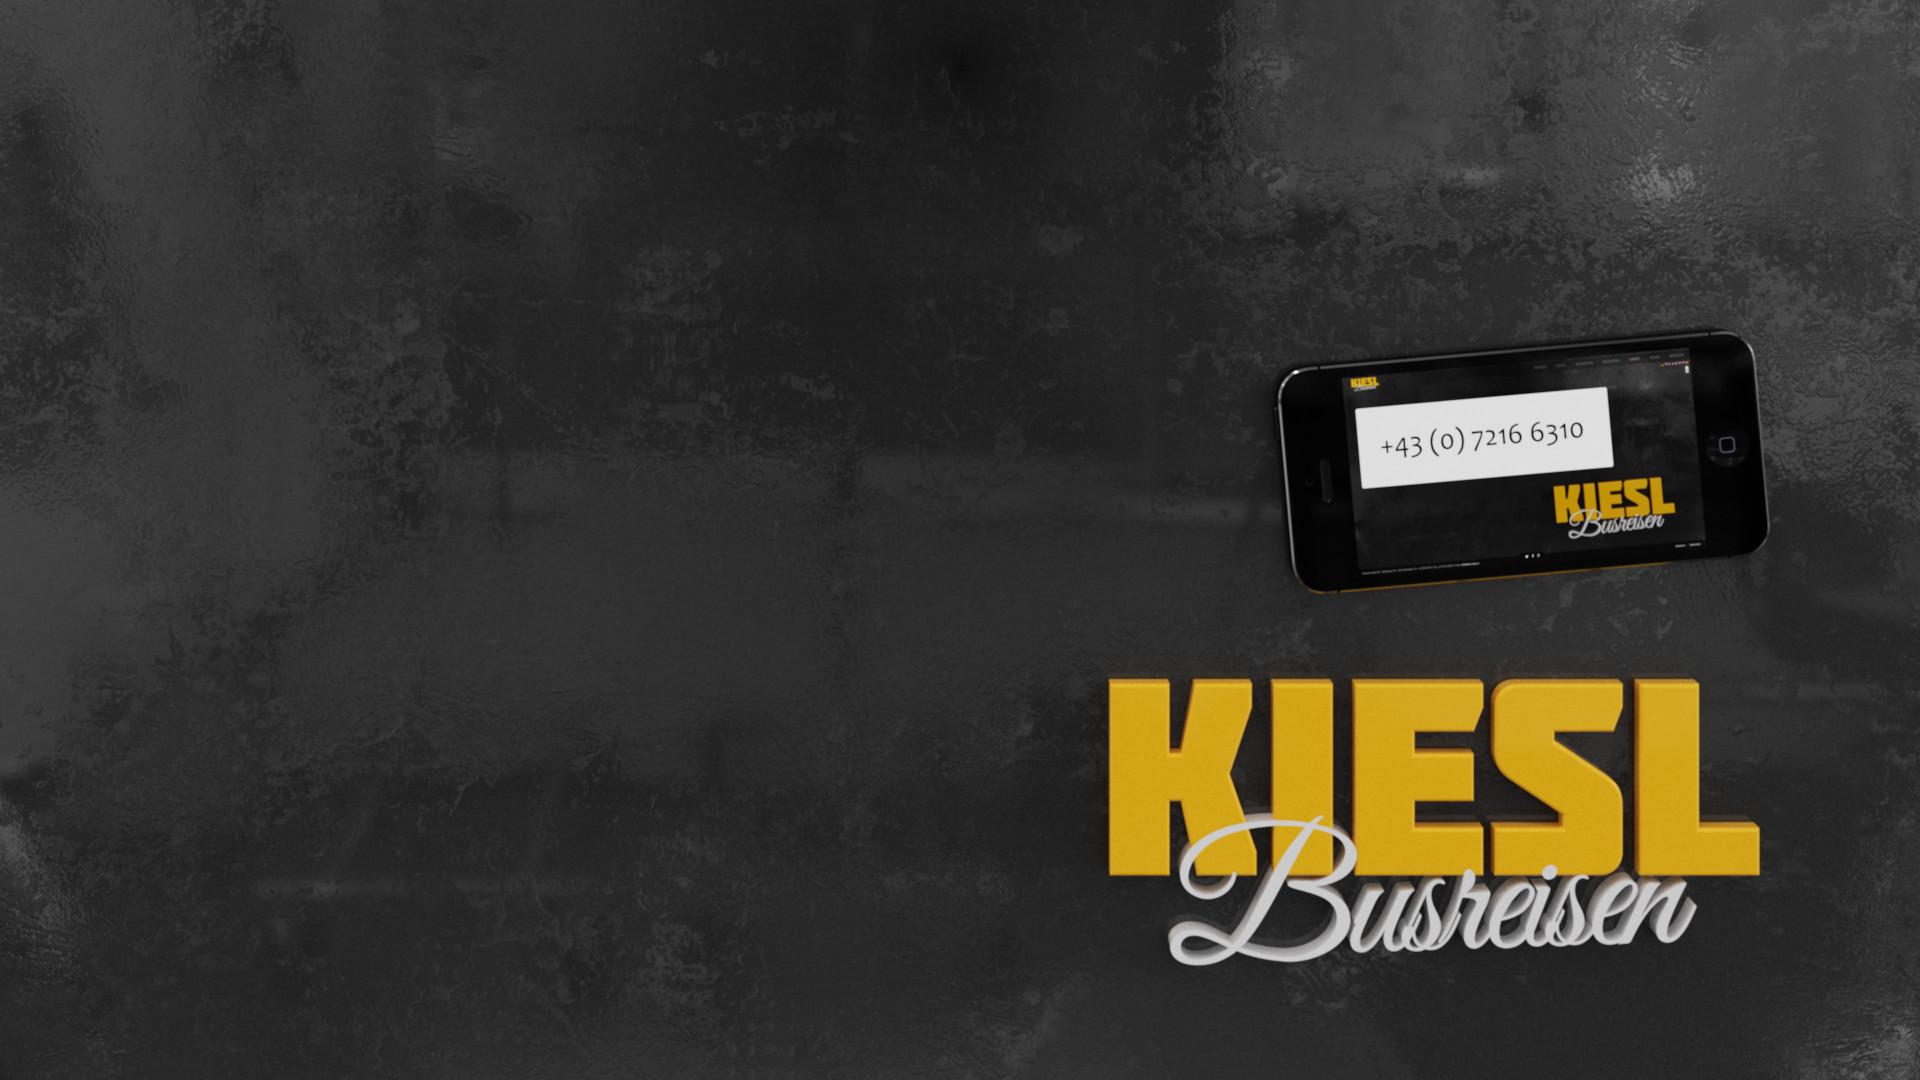 Reinhard kepplinger kiesl reisen black background phone canon5 iso180